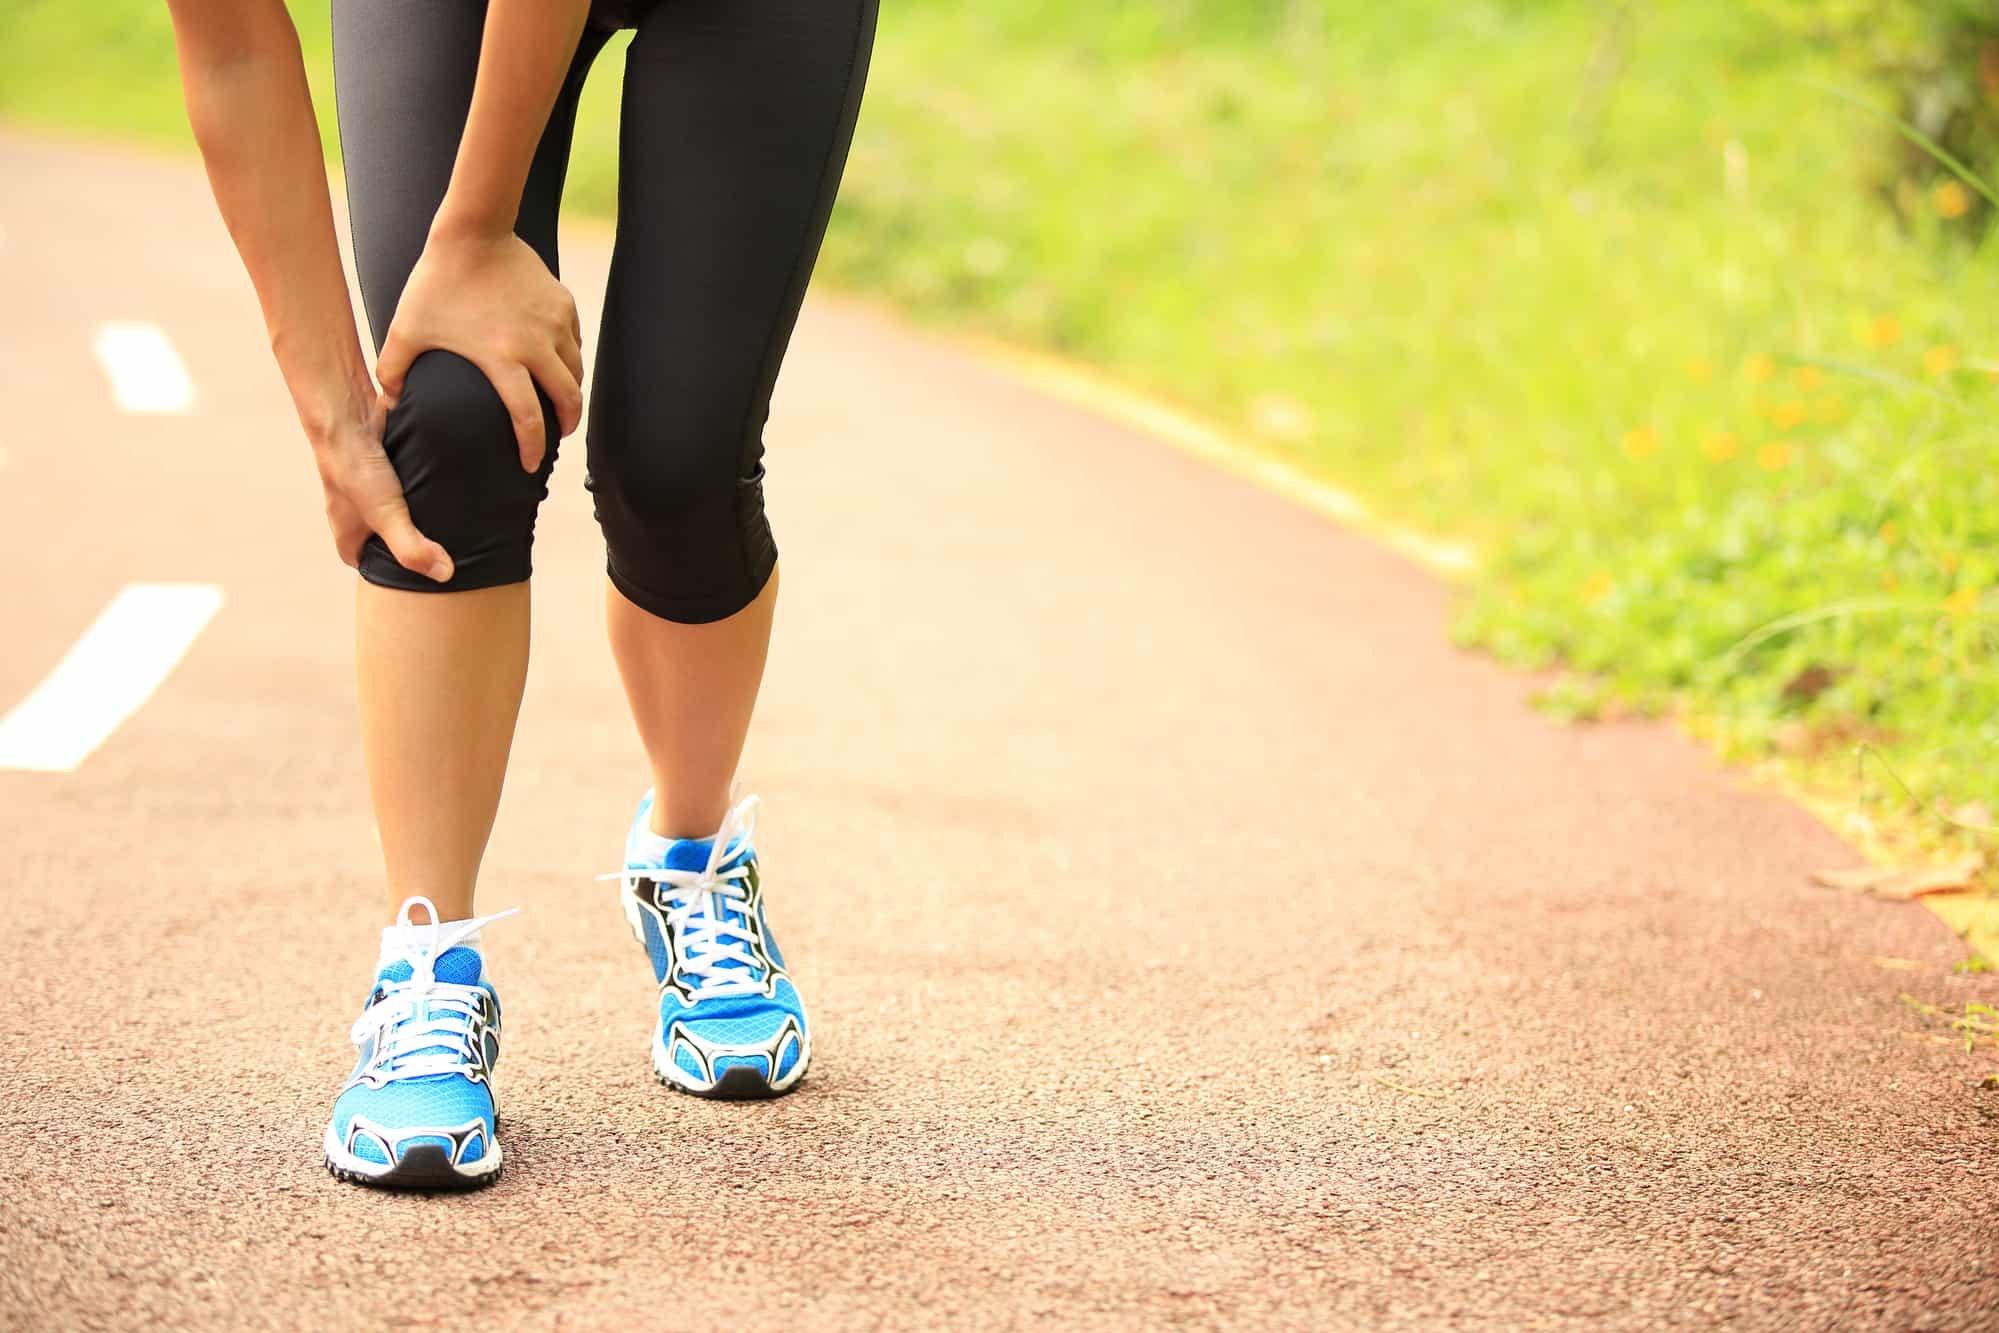 sports injury treatment winnipeg